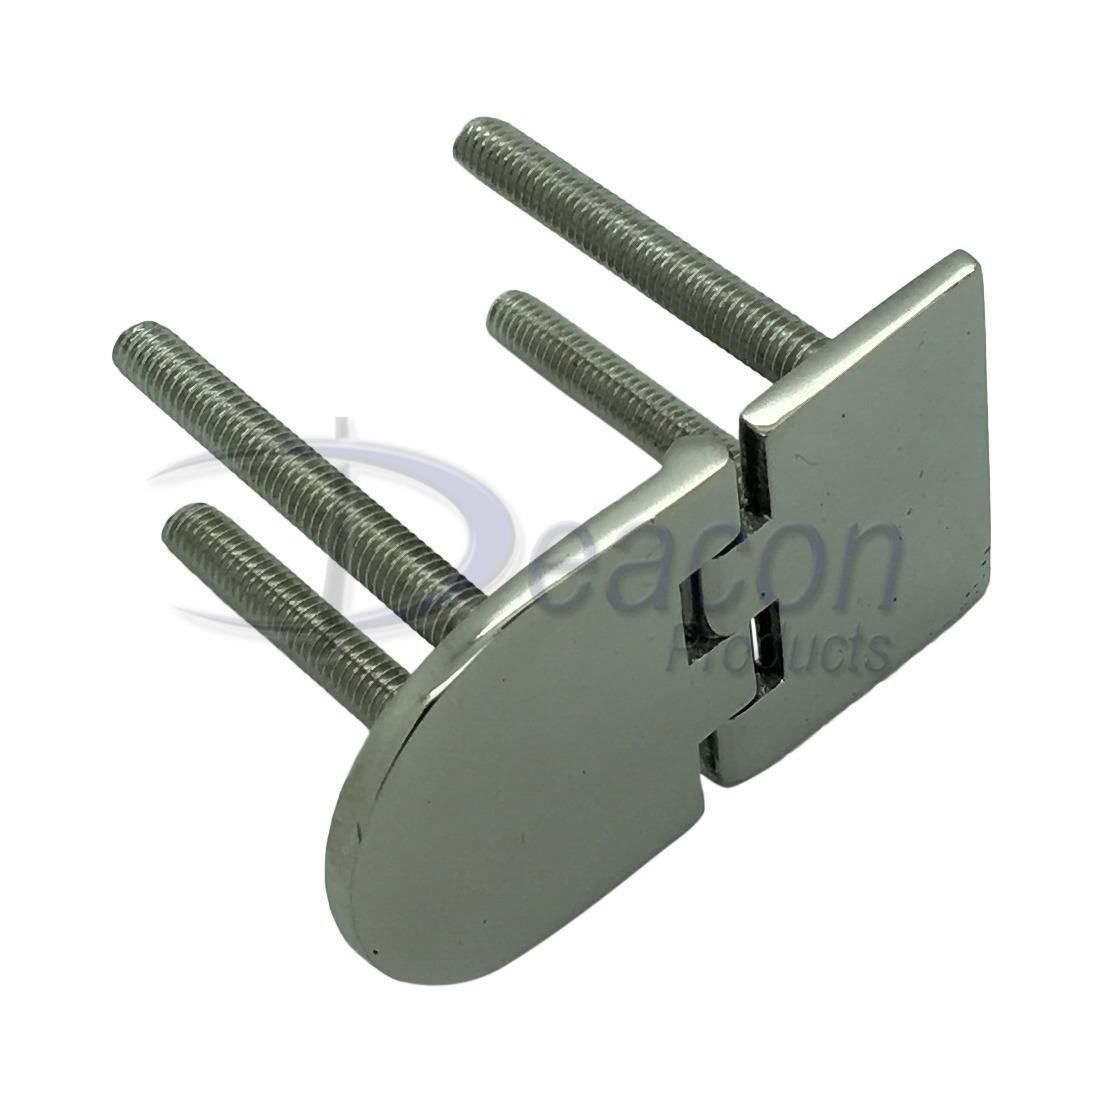 stainless-steel-small-oval-hinge-threaded-stud